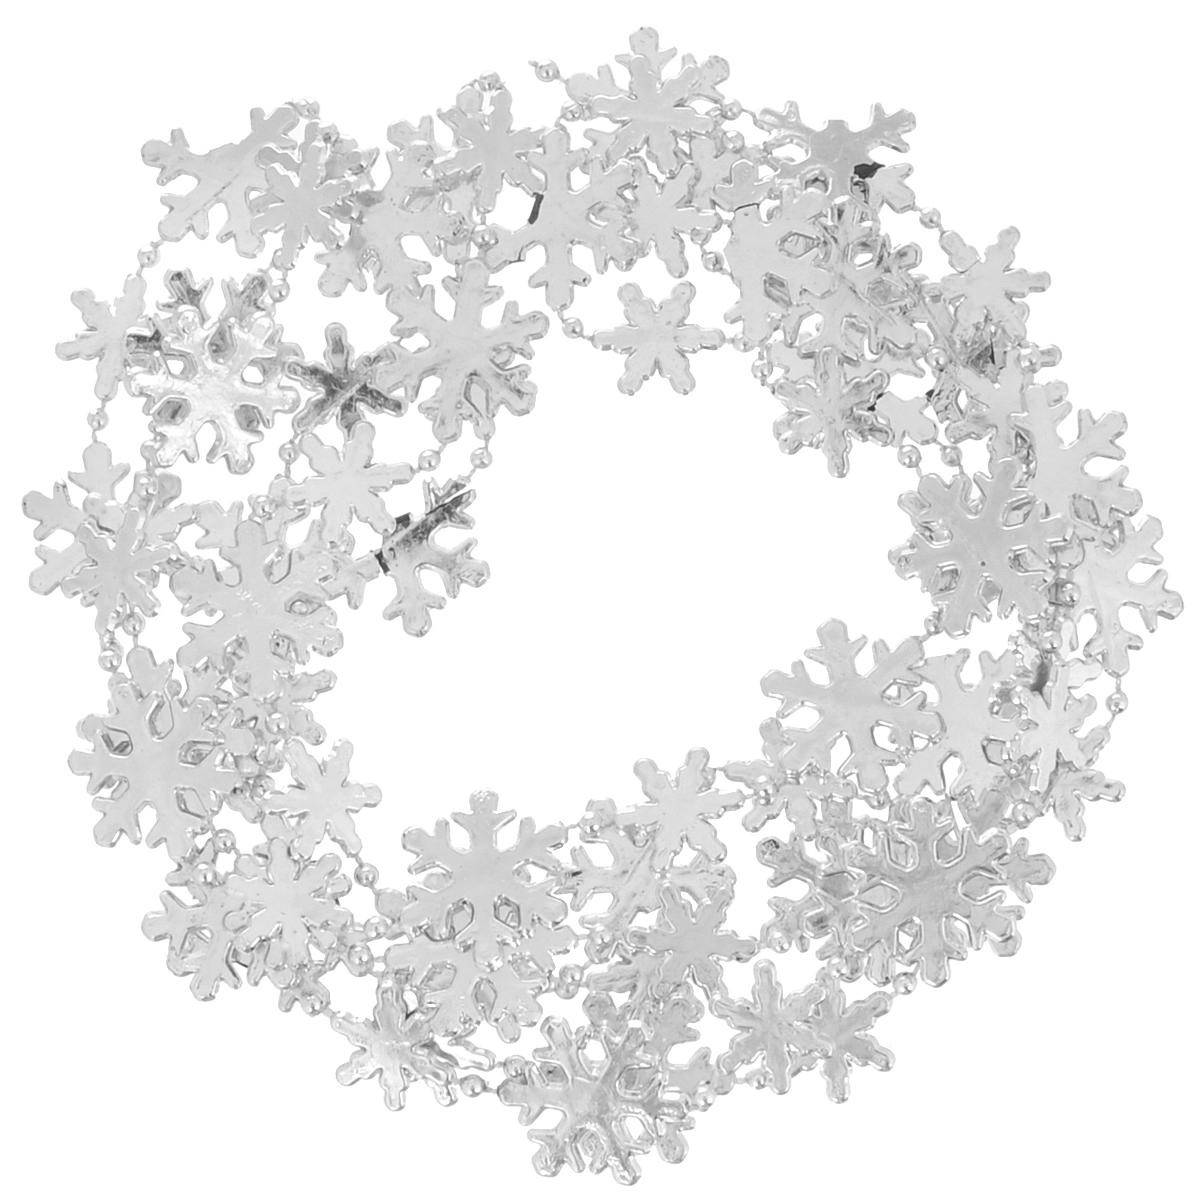 Новогодняя гирлянда Феникс-Презент Снежинки, цвет: серебристый, 2,7 м. 34969 феникс презент